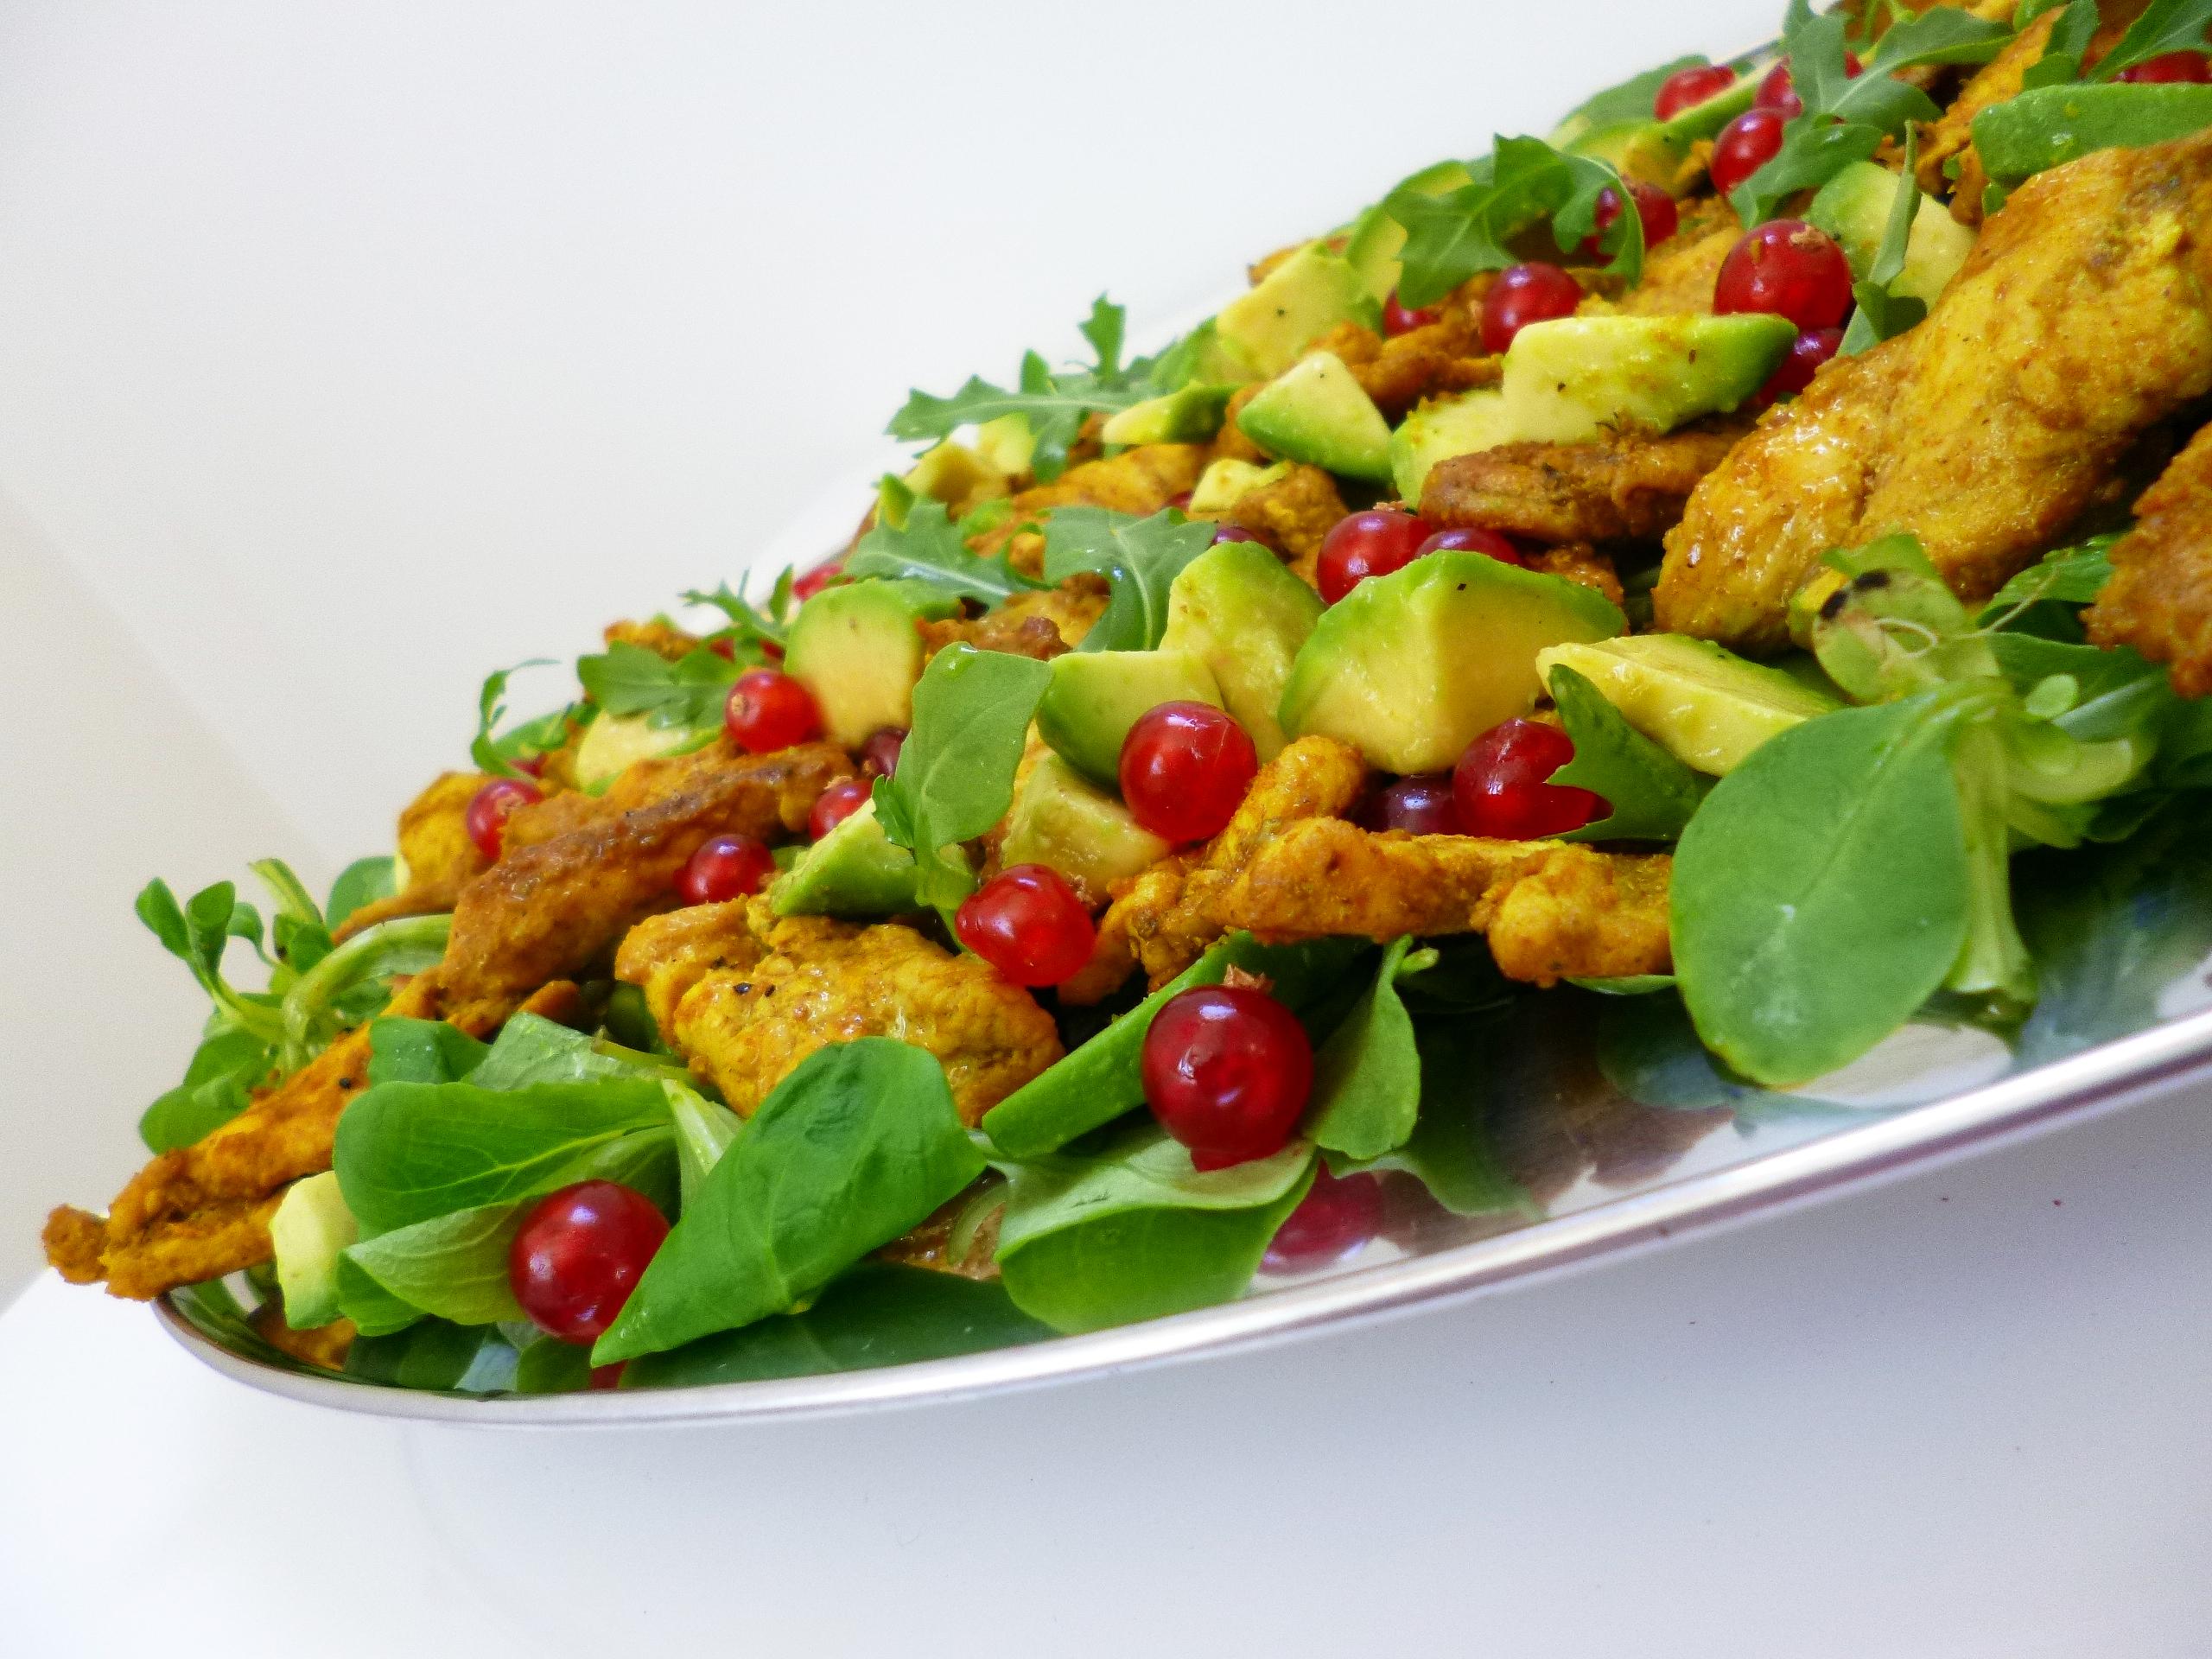 salade de poulet avocats groseilles la recette facile par toqu s 2 cuisine. Black Bedroom Furniture Sets. Home Design Ideas